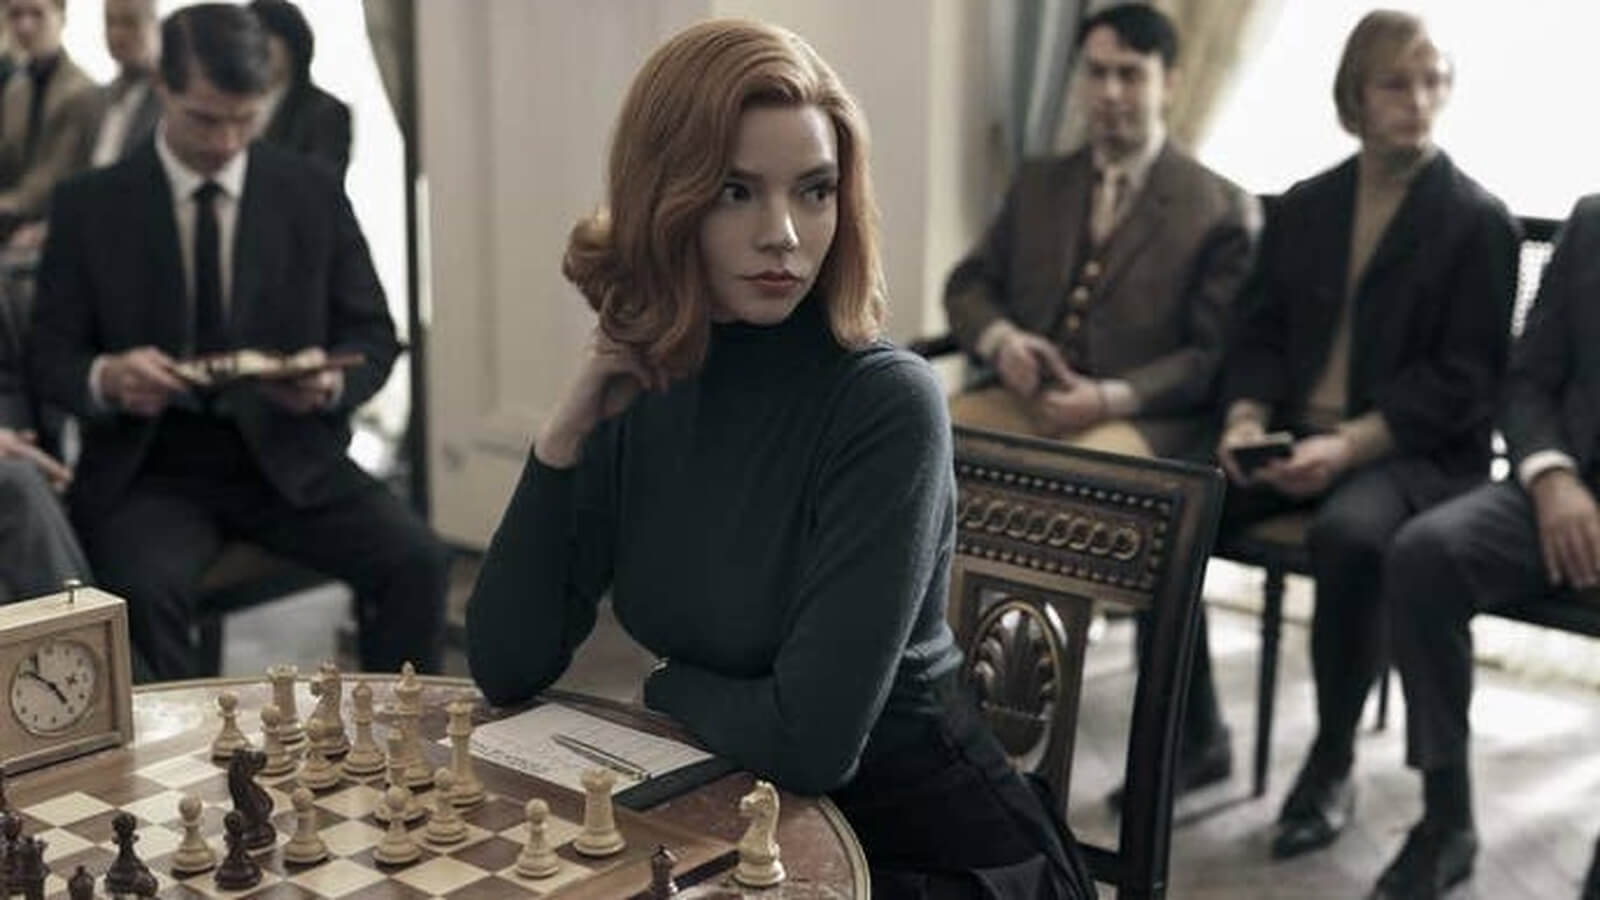 Mujer jugando al ajedrez